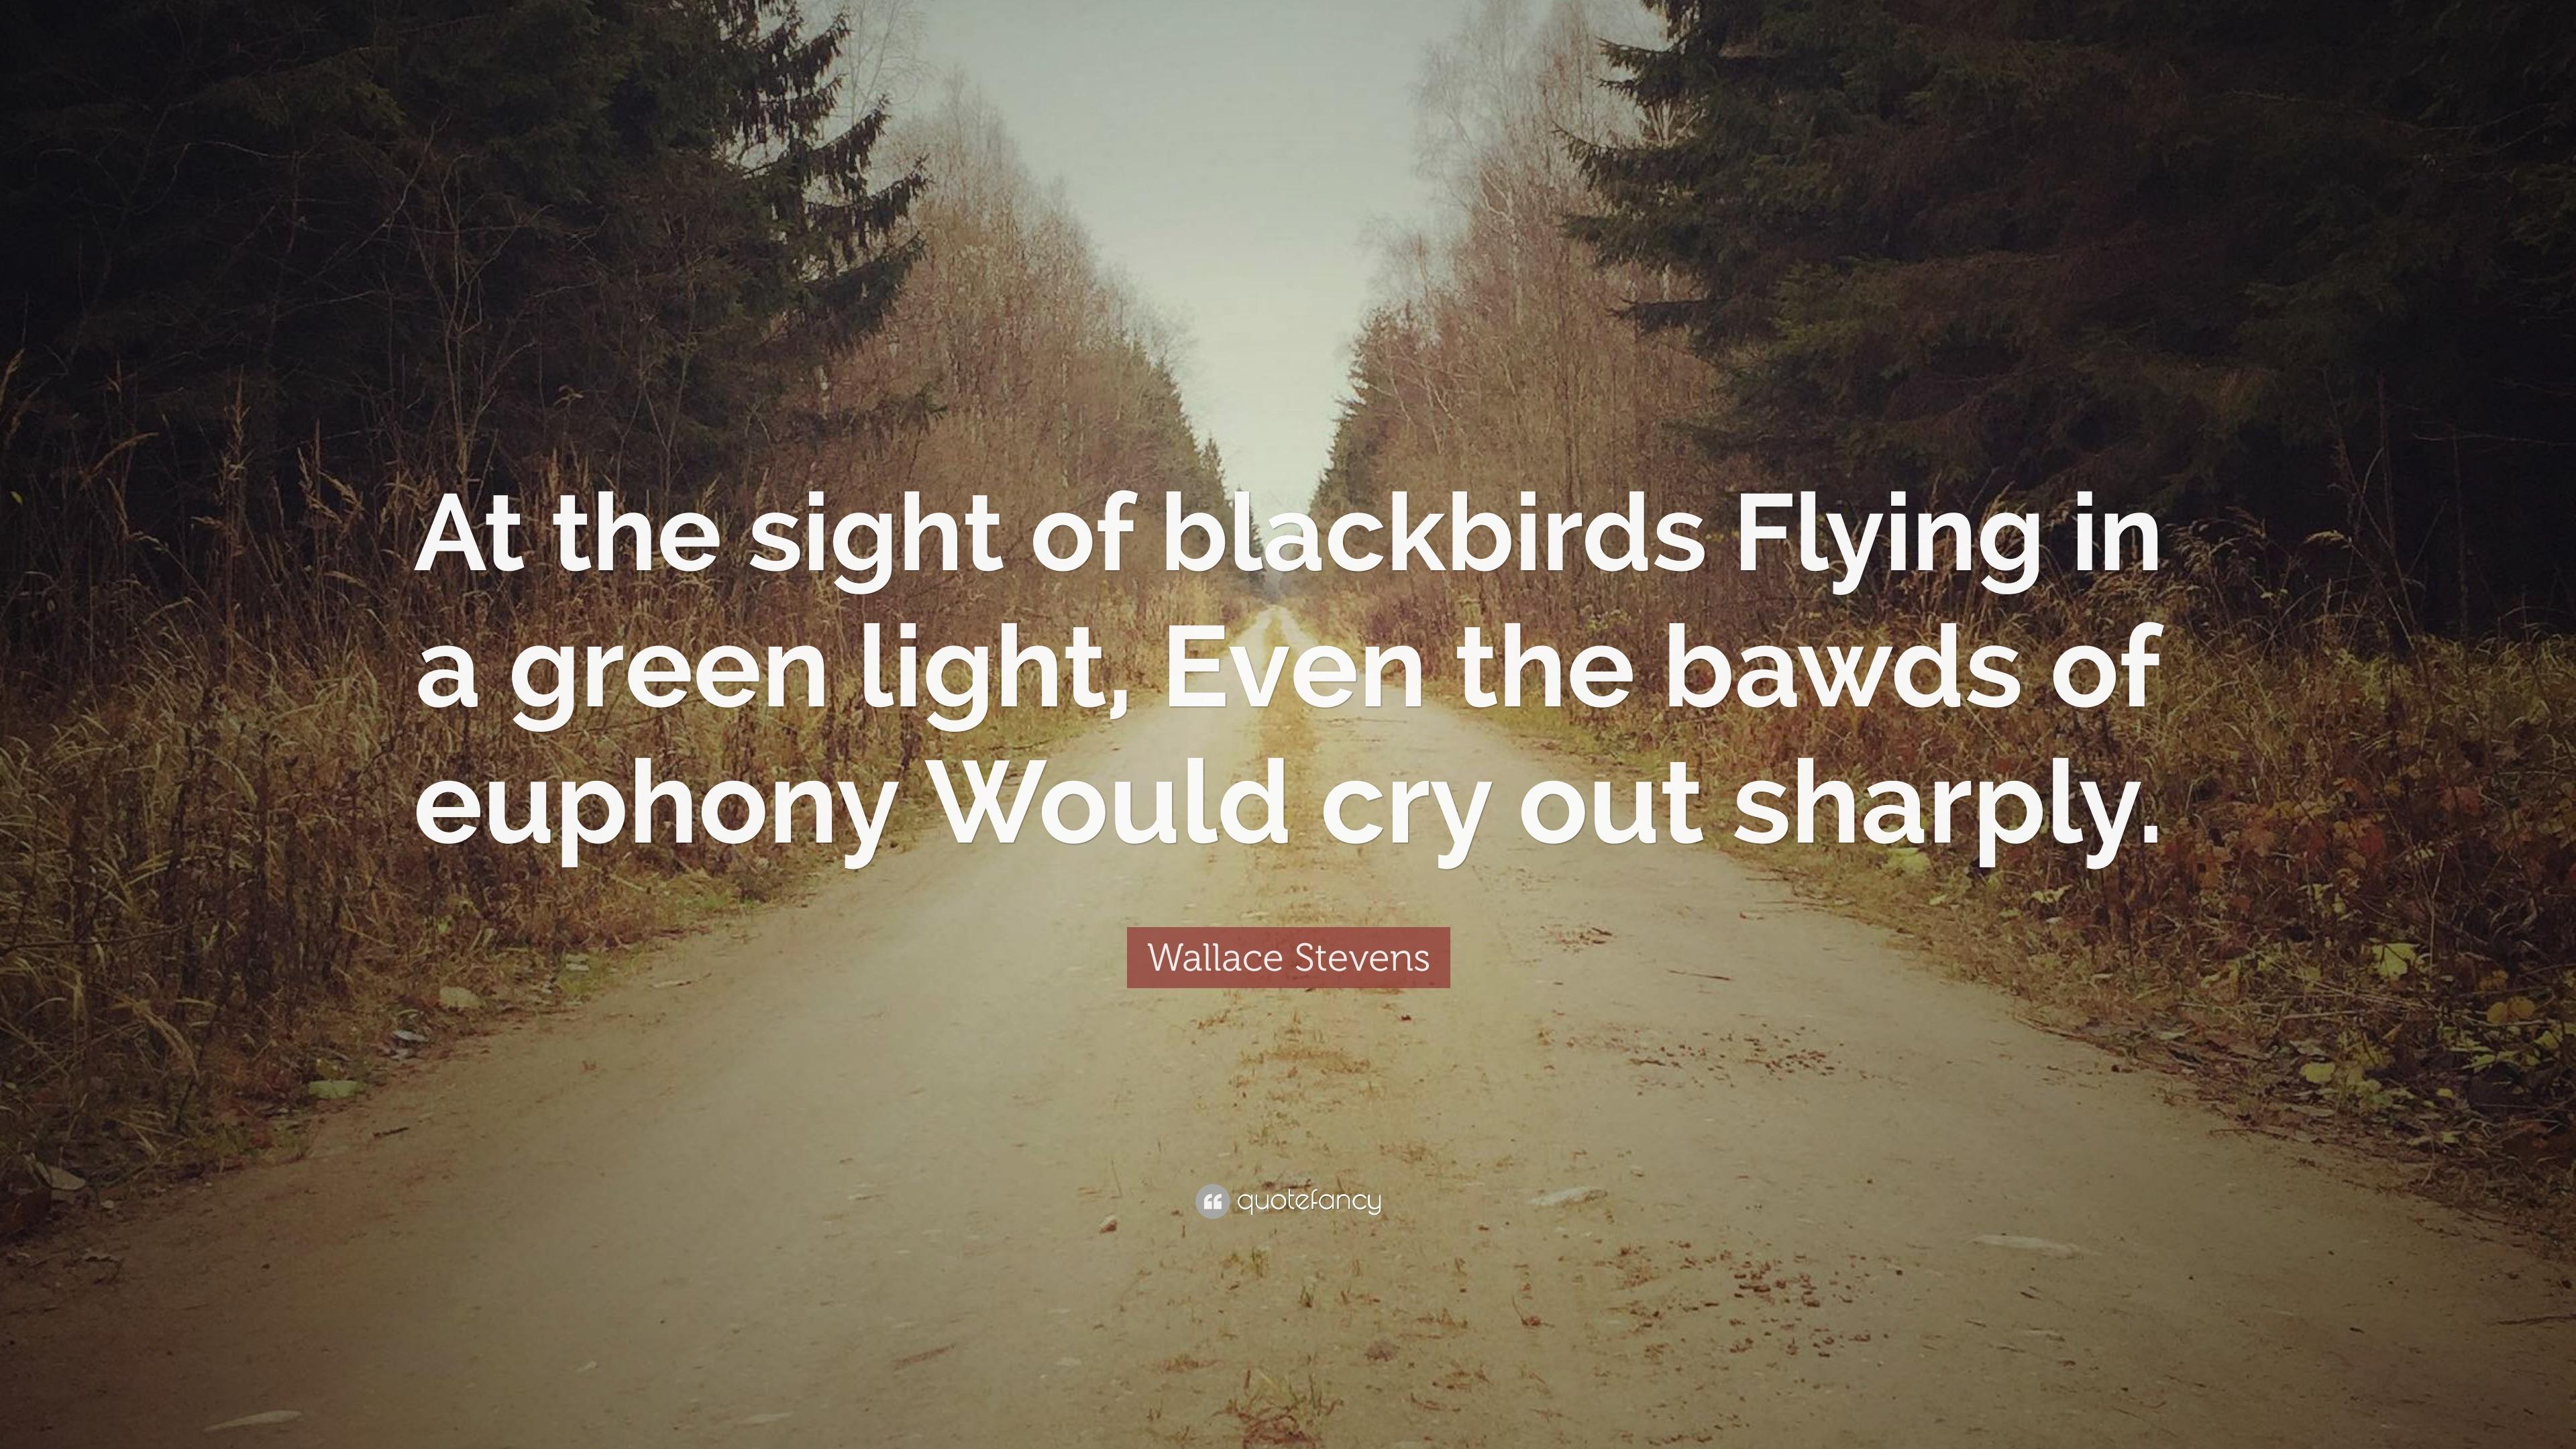 wallace stevens blackbird